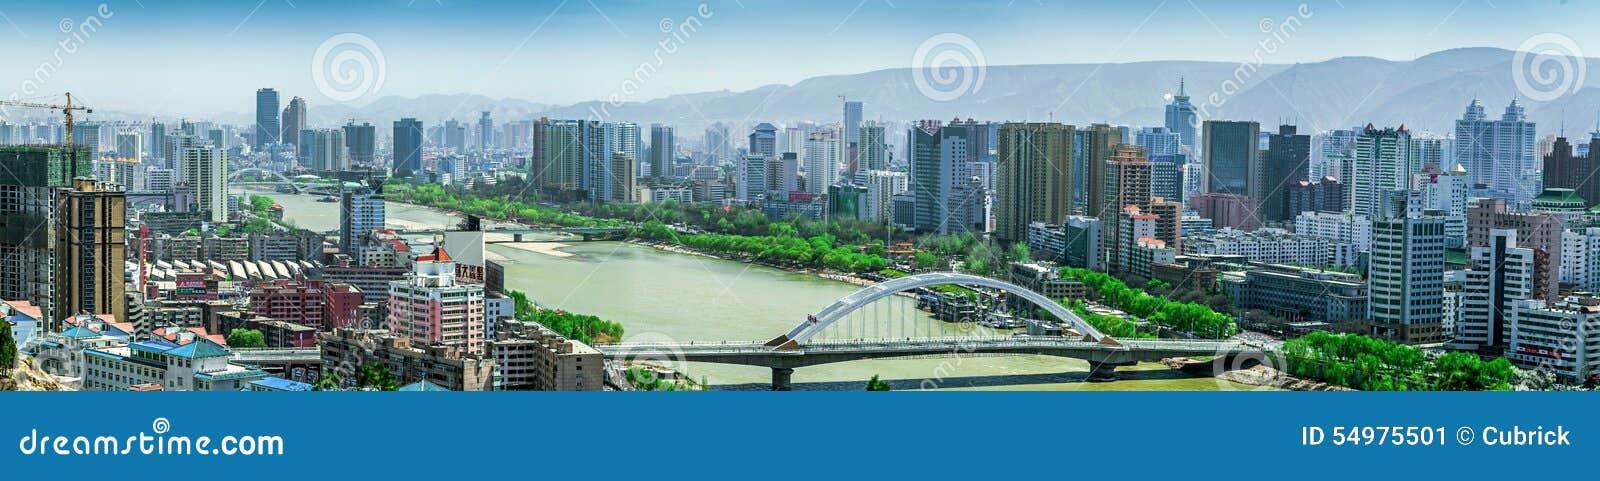 Moderna höghus som konstrueras på den södra banken av Yellowet River (Huang He) på Lanzhou, Gansu landskap, Kina